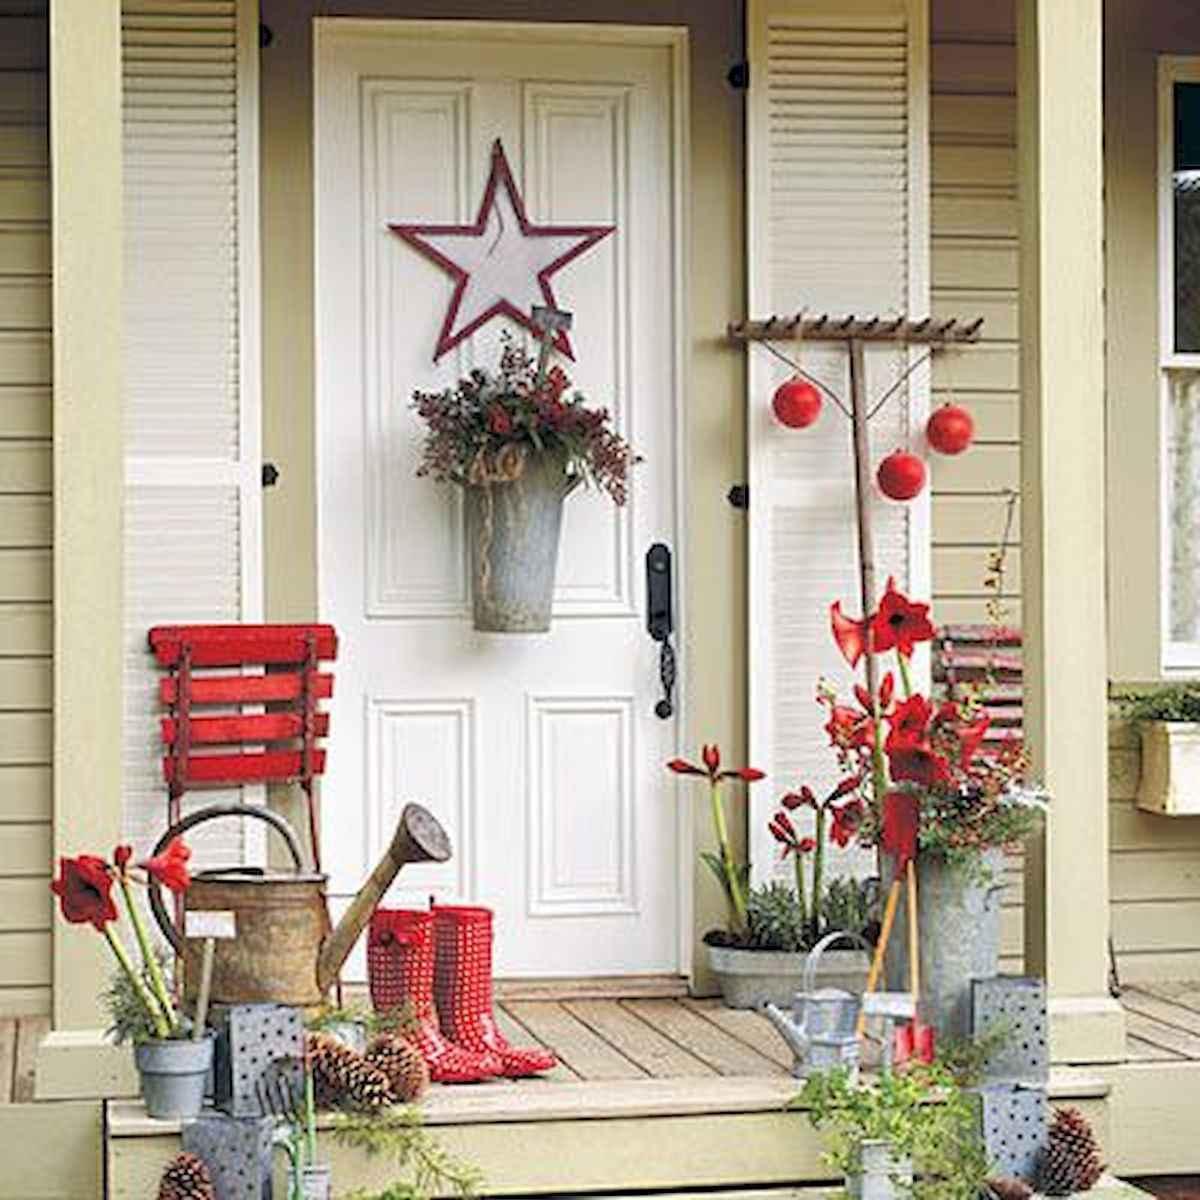 50 front porches farmhouse christmas decor ideas 41